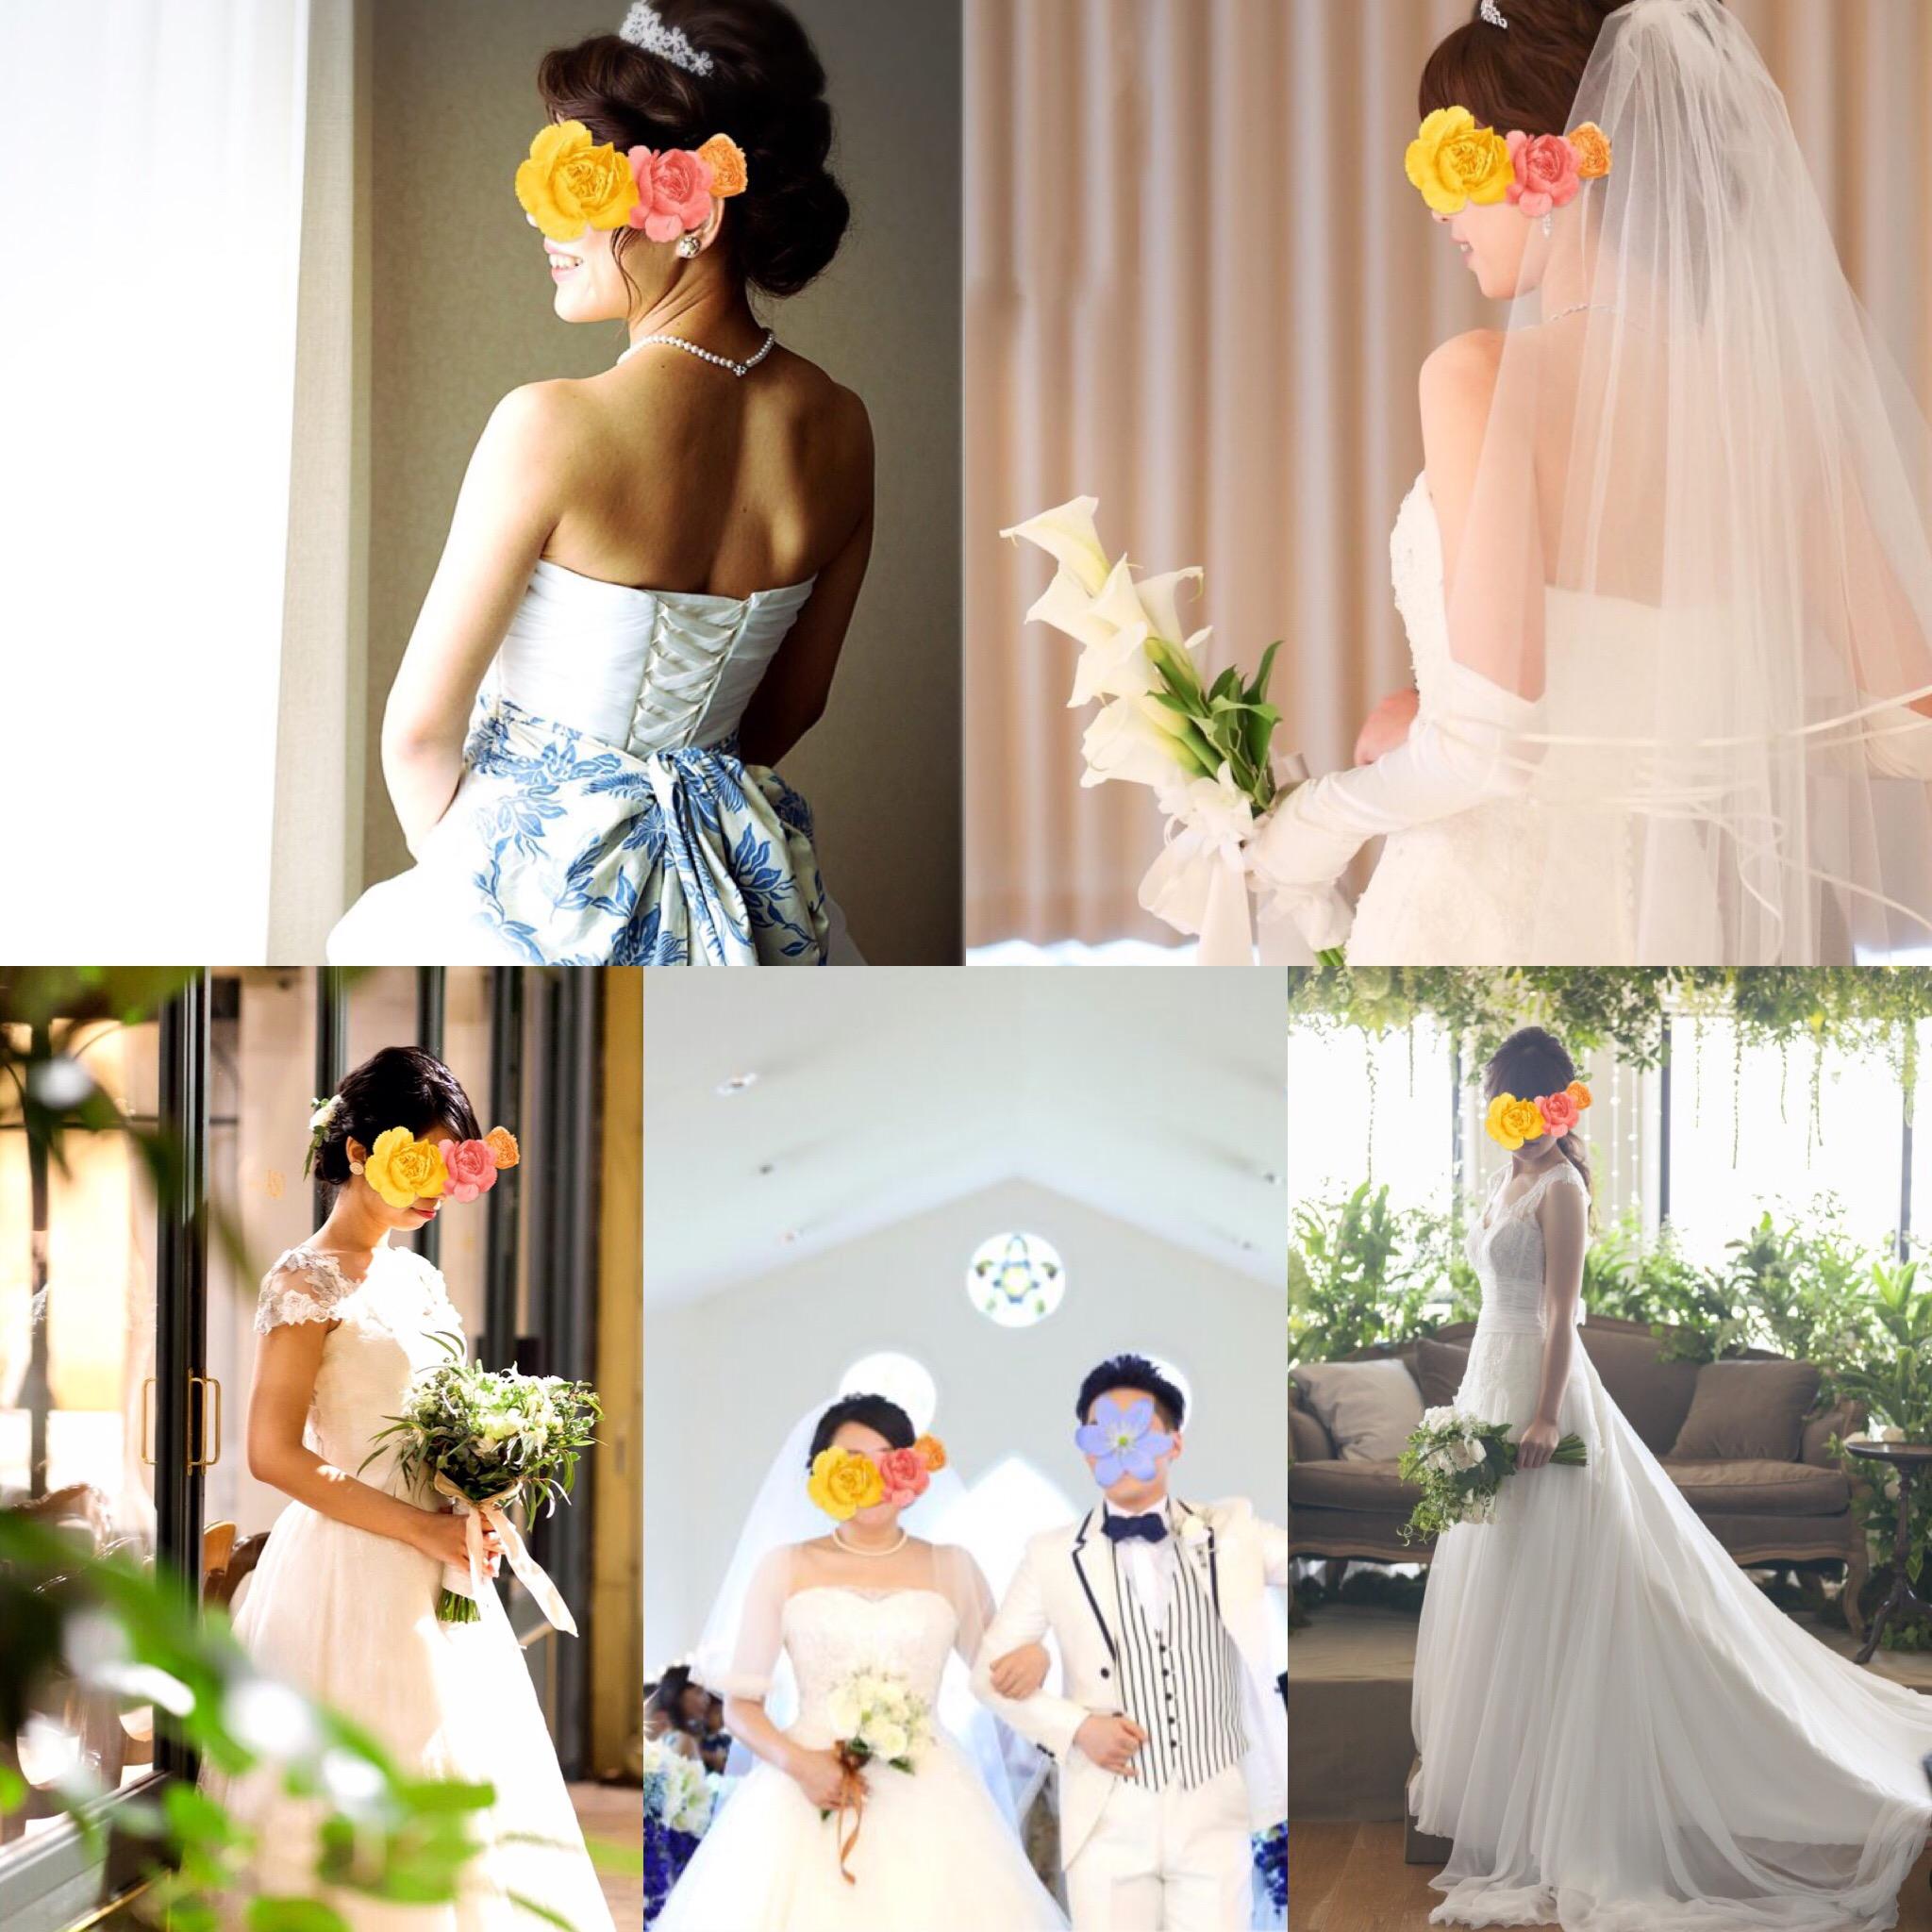 結婚式に向けたダイエットで美しくウェディングドレスを着こなす。